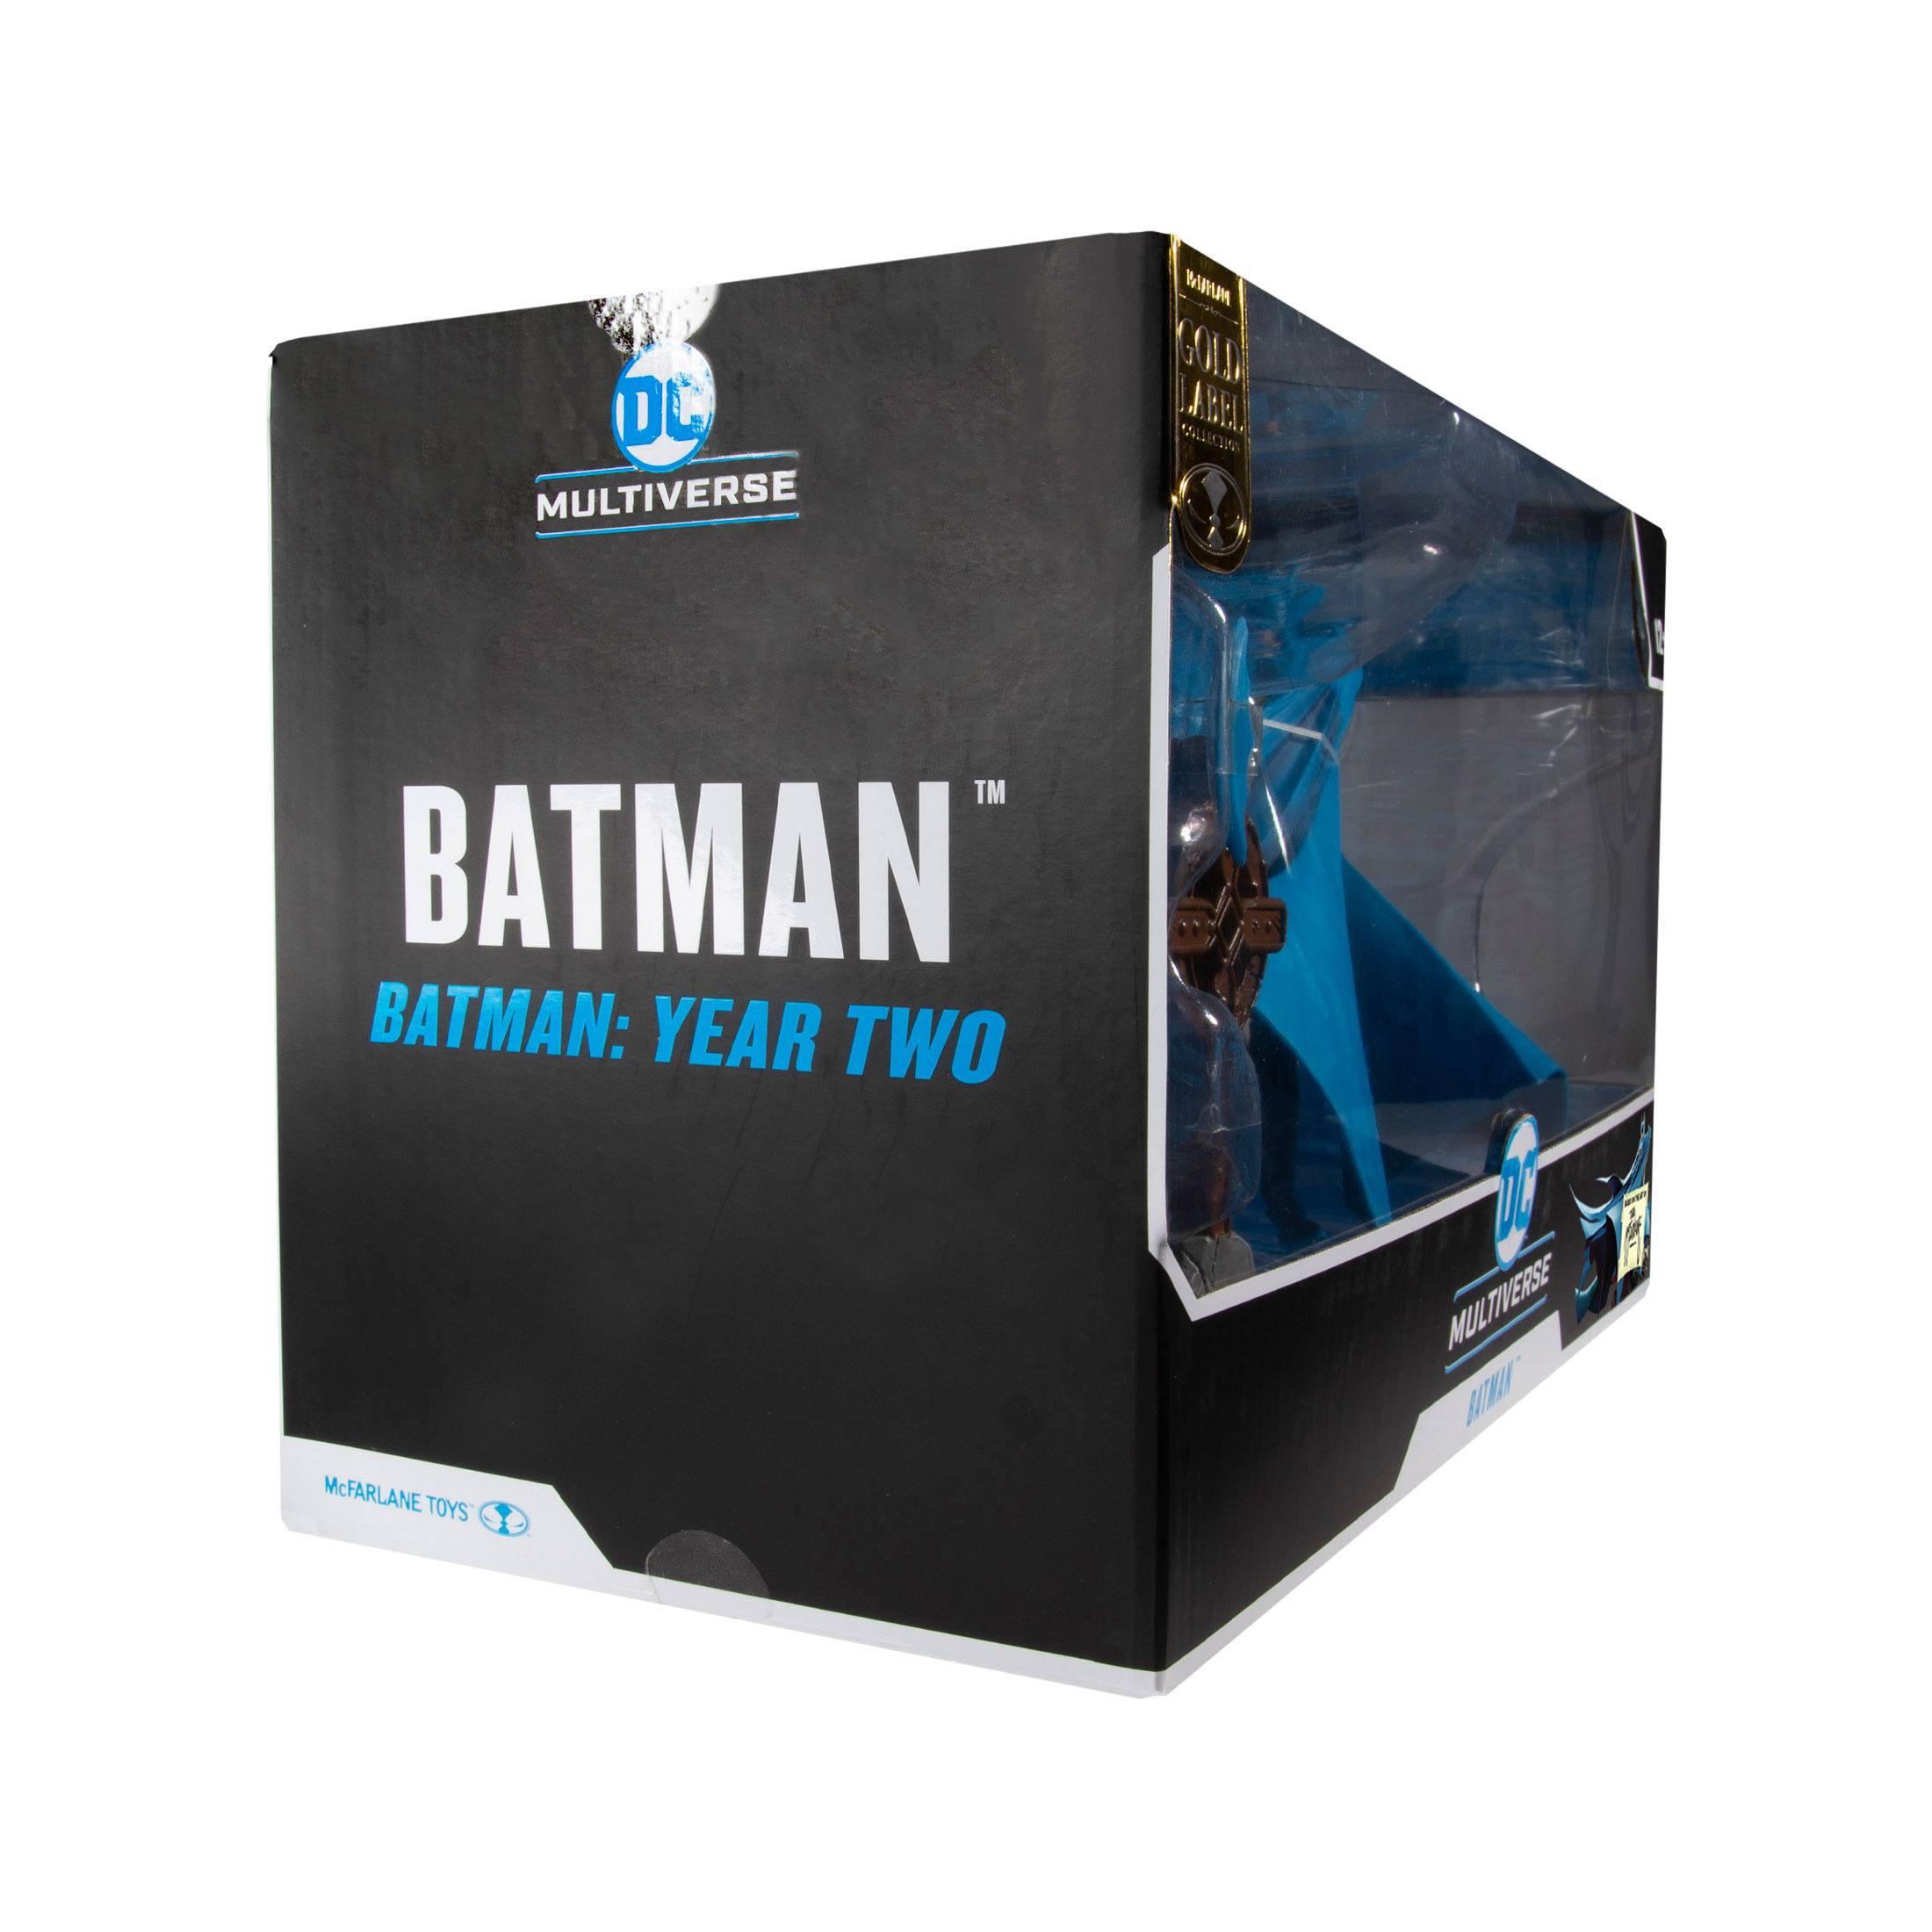 DC Multiverse Actionfigur Batman Year Two (Gold Label) 18 cm MCF15140 787926151404